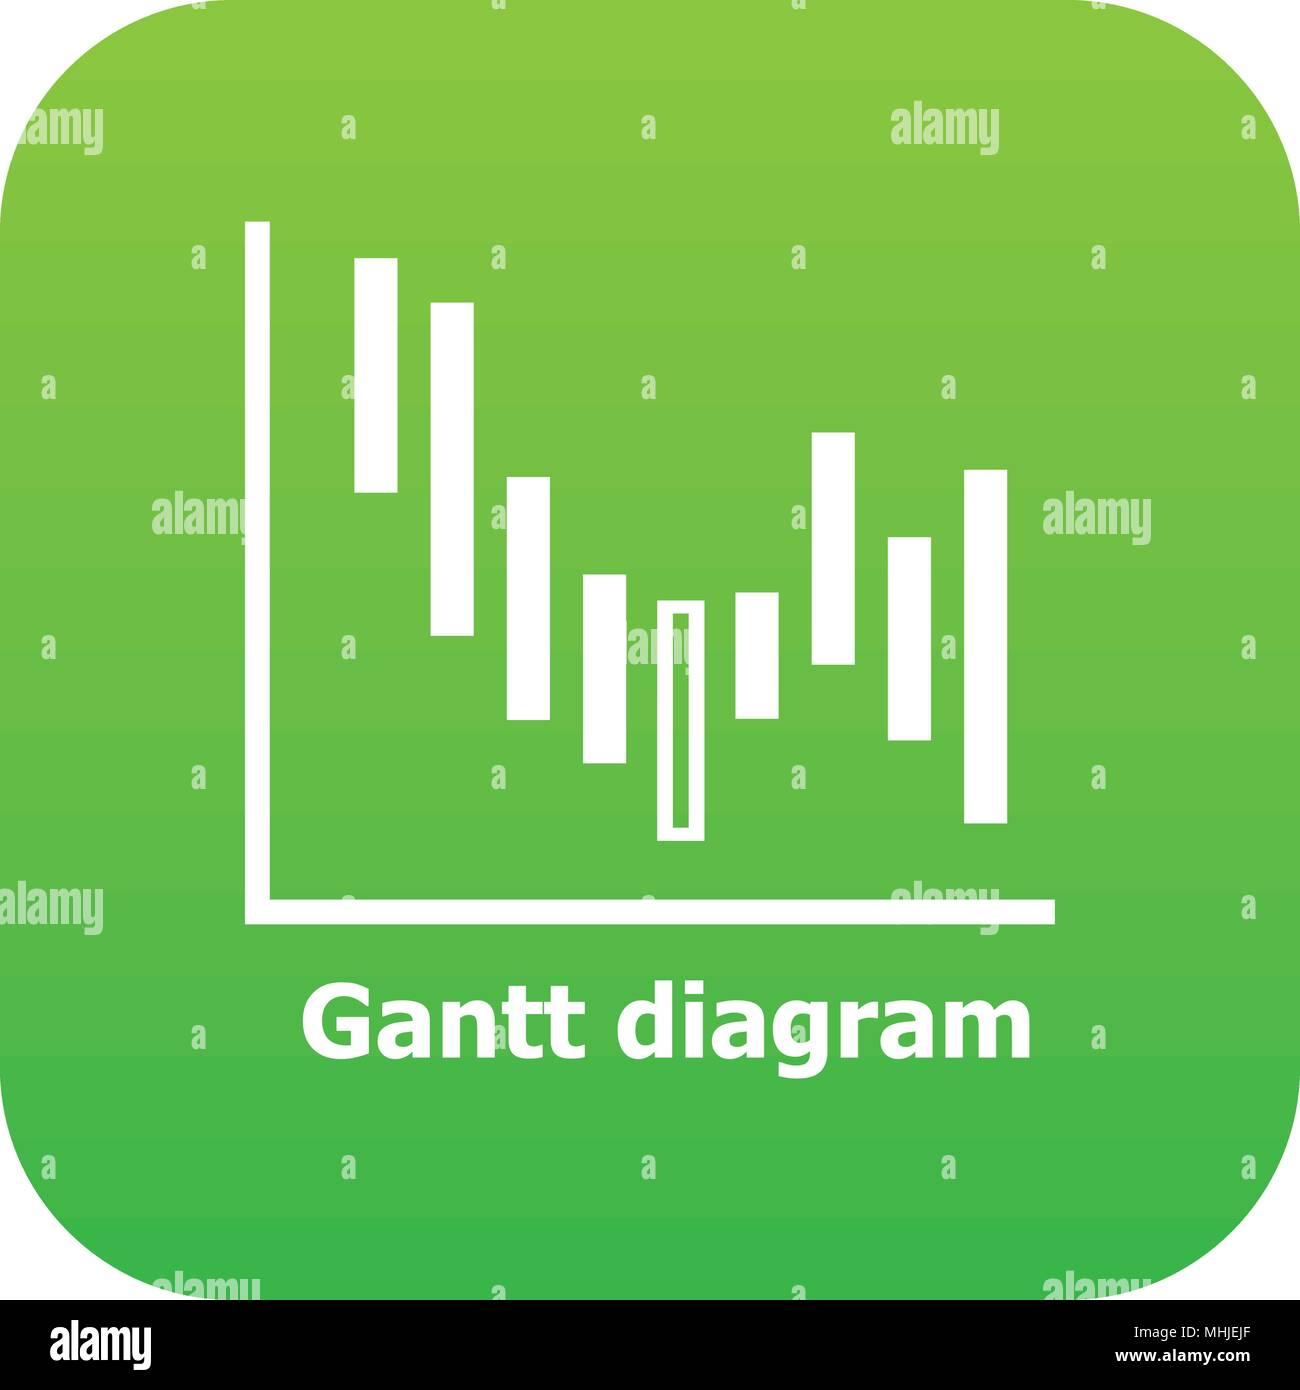 Gantt diagram icon green vector stock vector art illustration gantt diagram icon green vector ccuart Choice Image